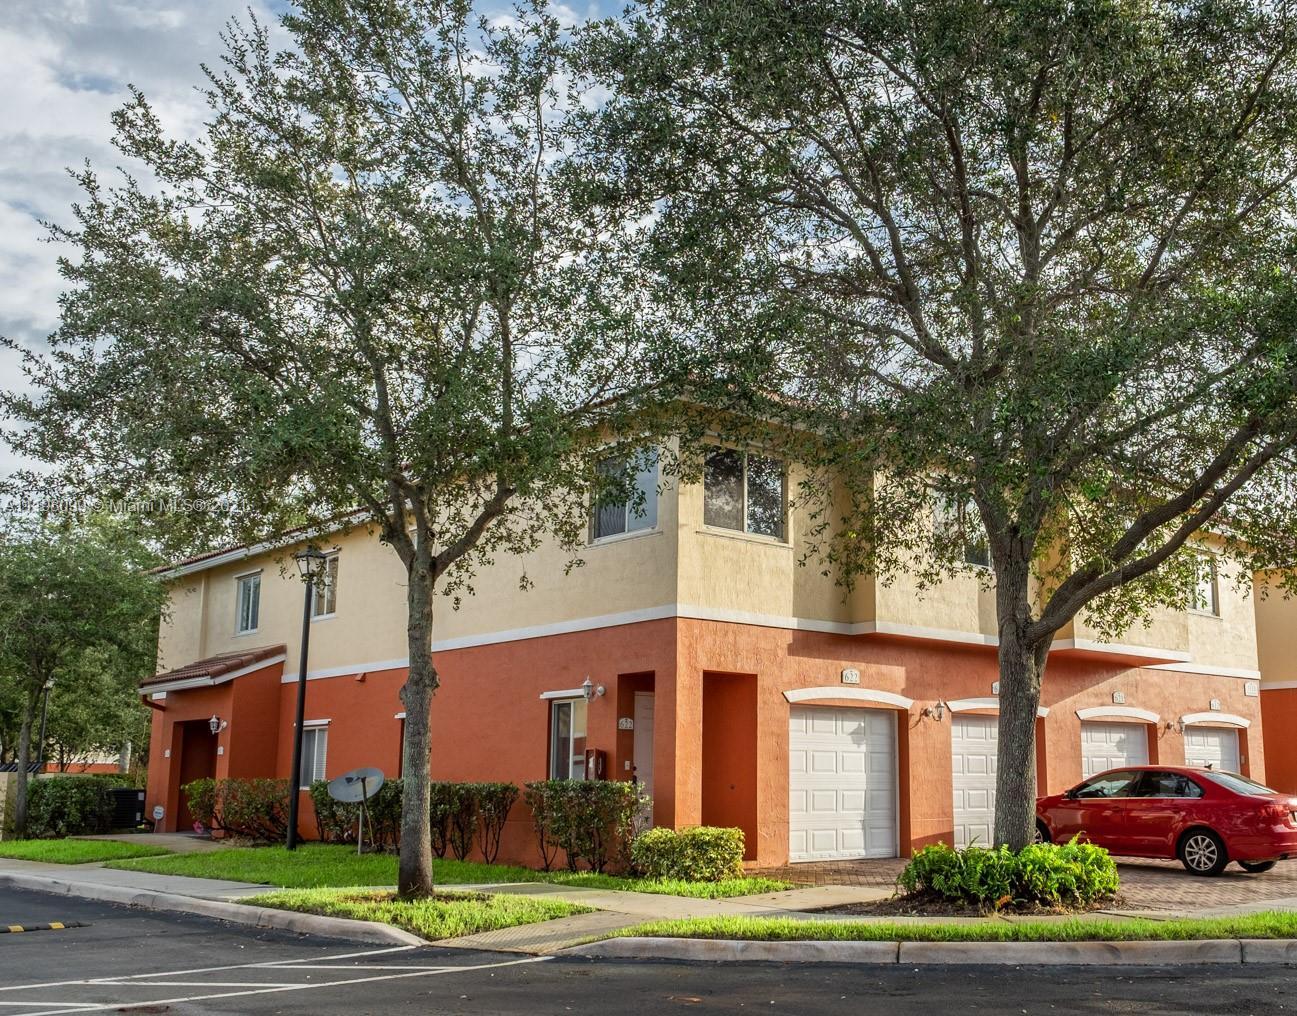 3310 Palomino Dr Unit 622-6, Davie, Florida 33024